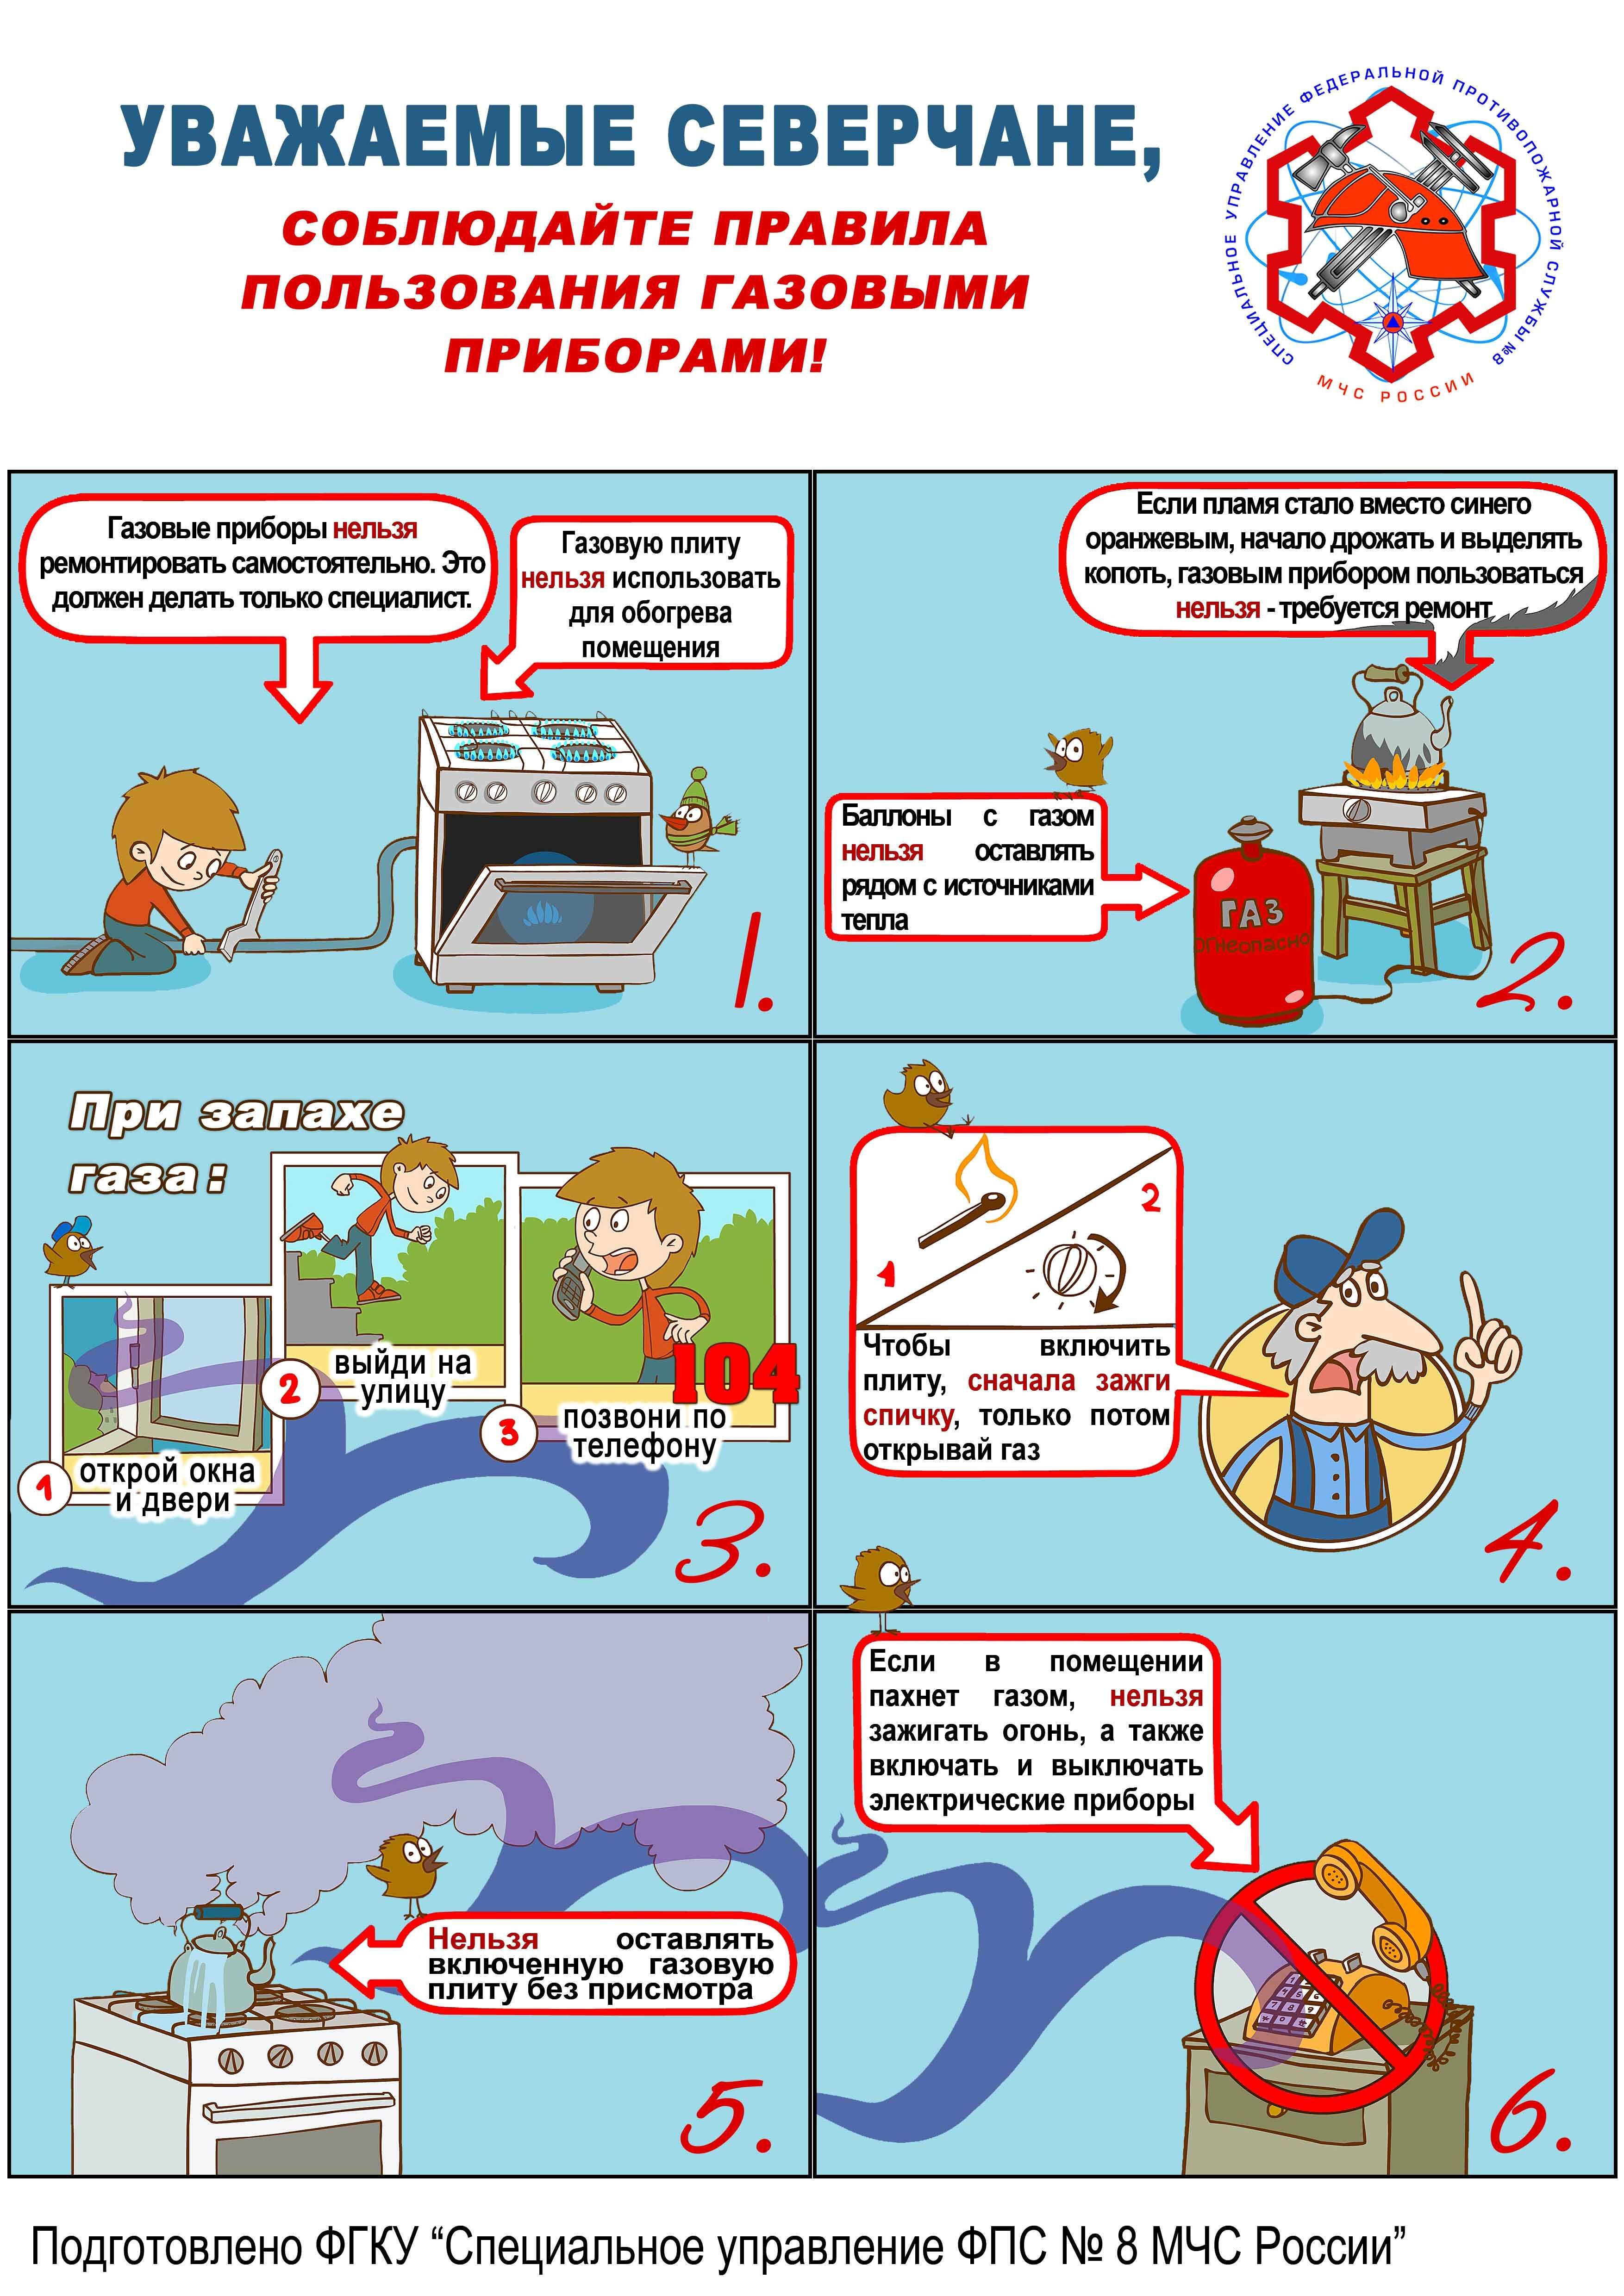 Правила безопасности использования бытового газа